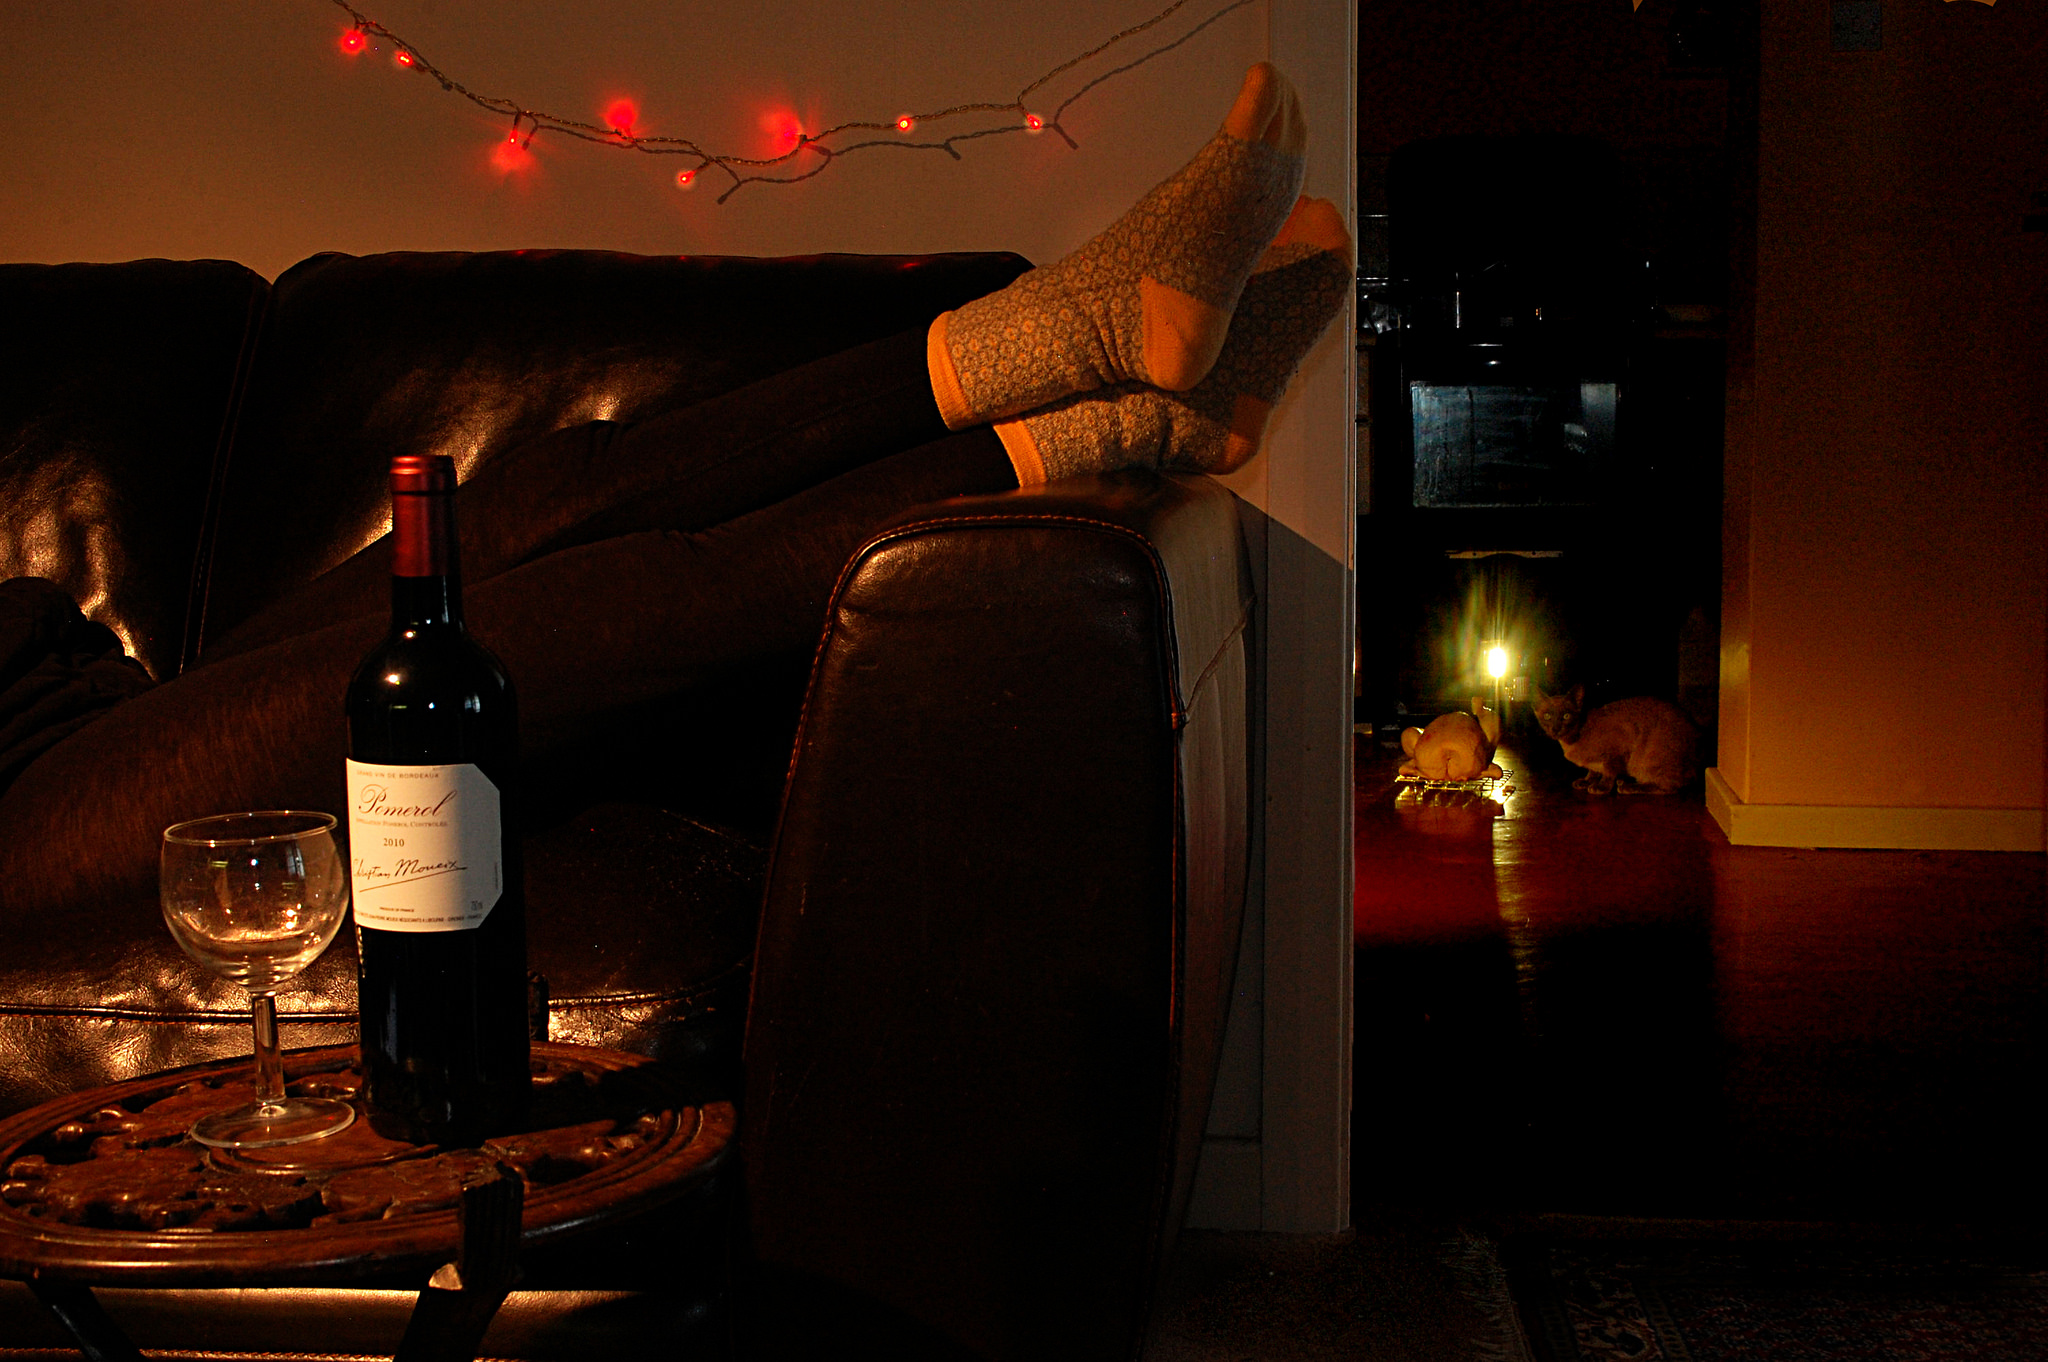 entspannt trotz weihnachten mamablog. Black Bedroom Furniture Sets. Home Design Ideas